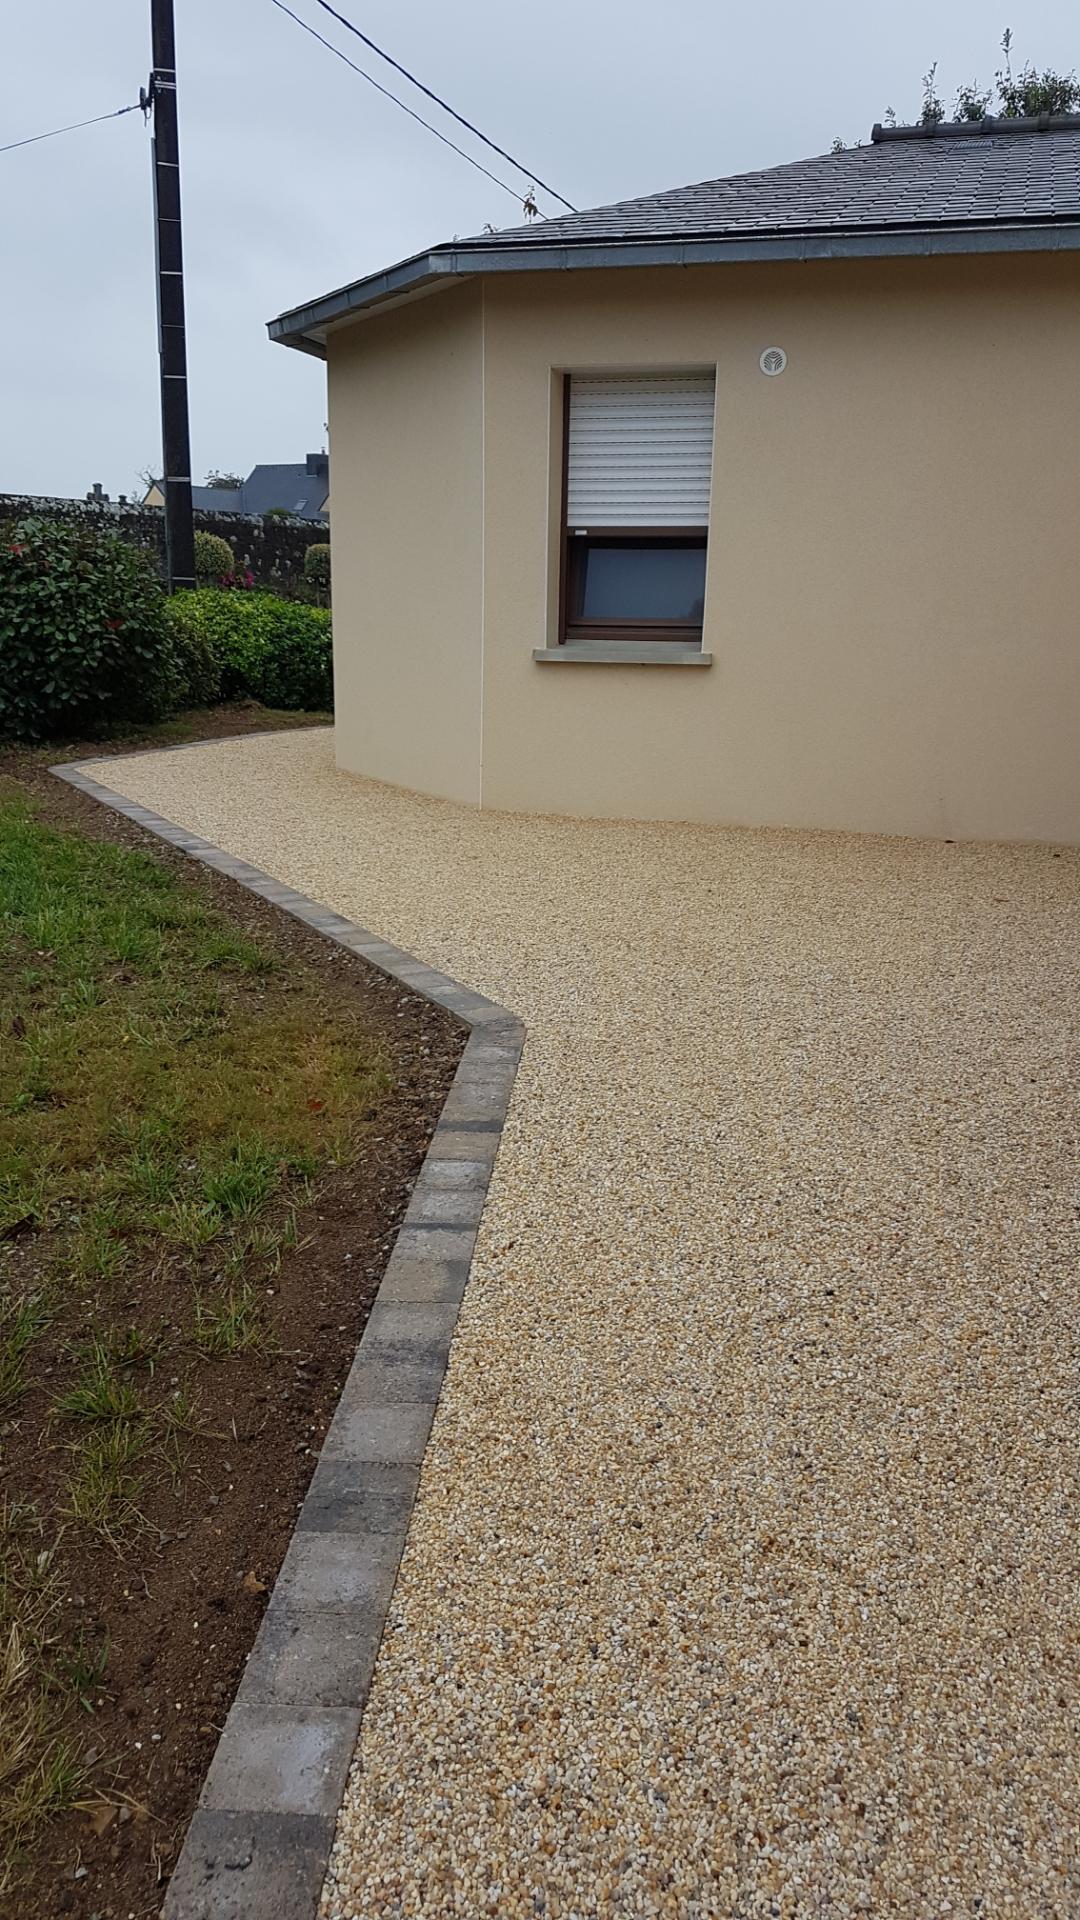 Aménagement Extérieur Entrée Maison aménagement d'extérieur avec rénovation d'une allée à lorient en 3 jours